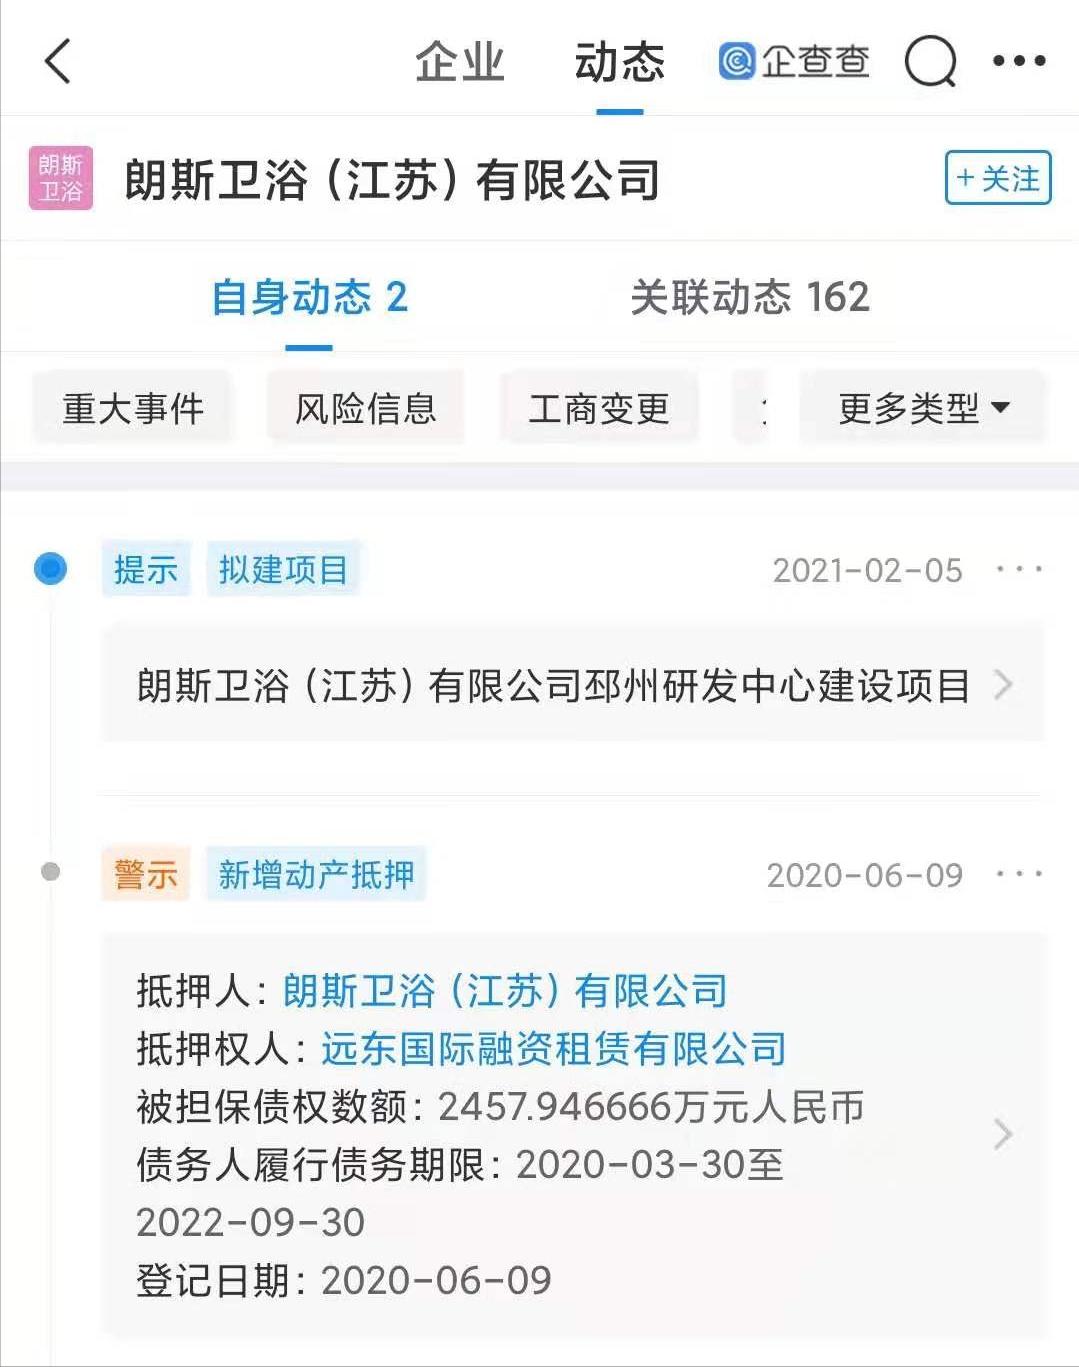 朗斯卫浴(江苏)有限公司动产抵押(数据来源:企查查)